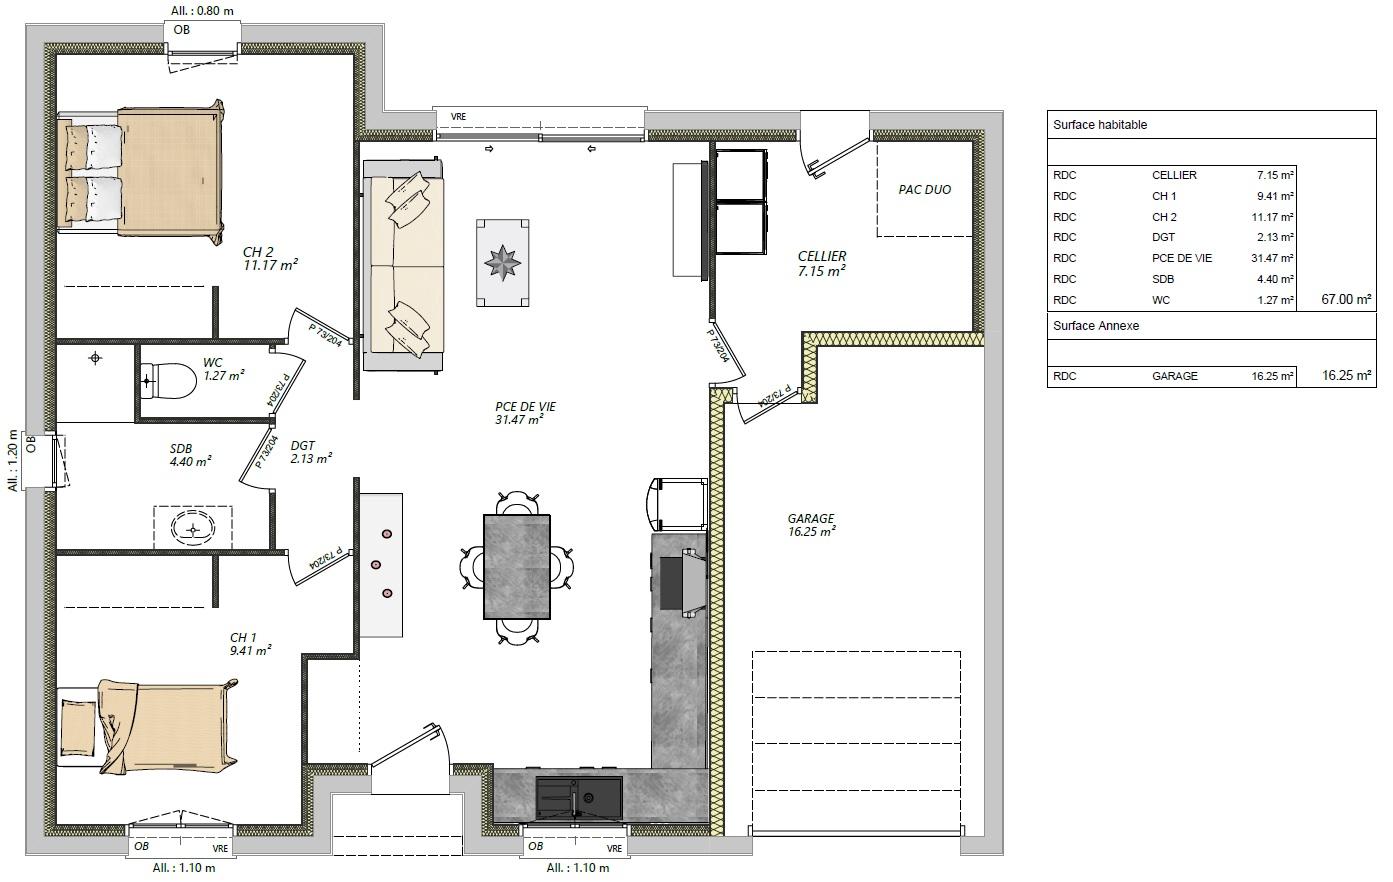 maison 2 chambres + garage plain pied maison lg en sarthe le mans, maison pas cher plan rdc moncé en belin